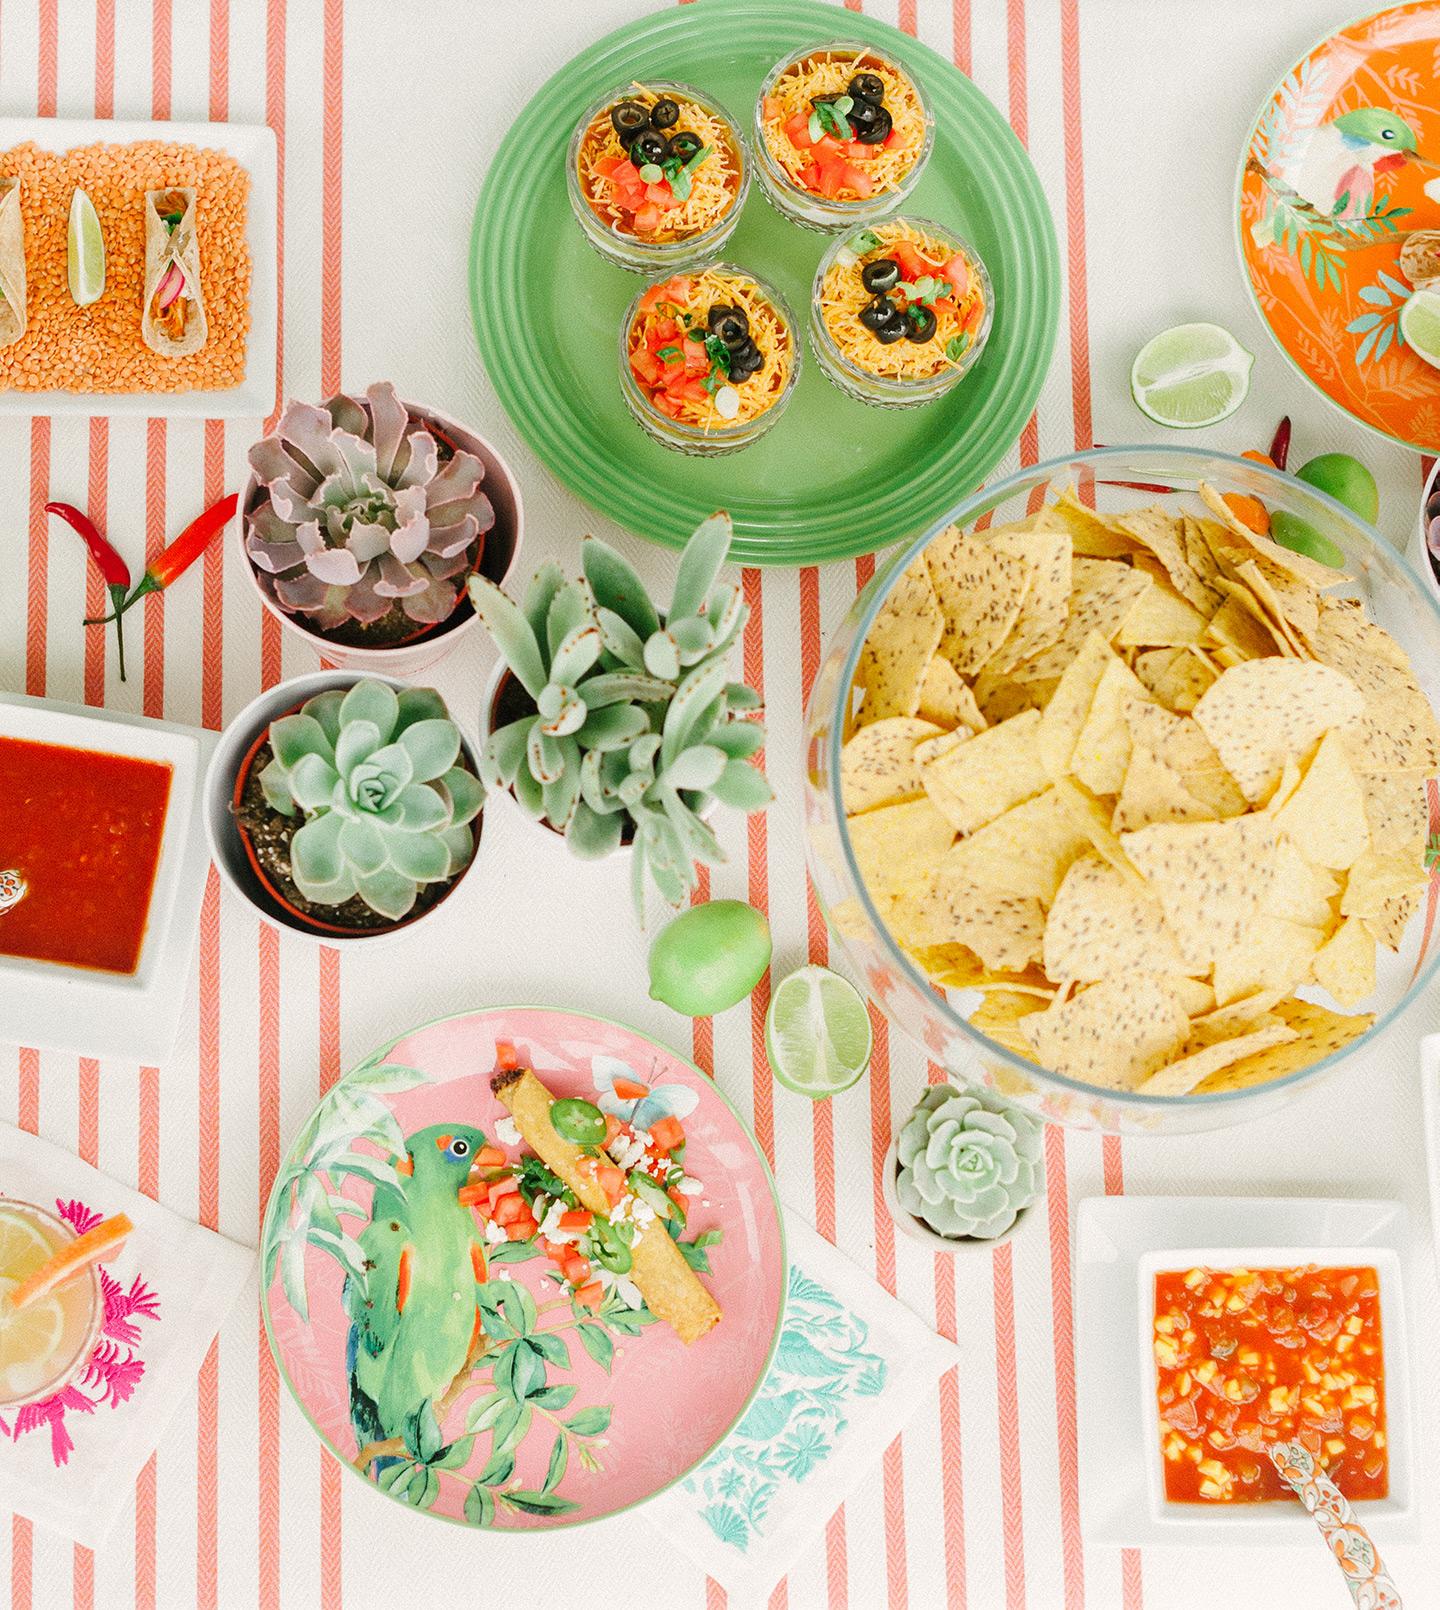 Cinco de Mayo Food Spread | COLOR by K